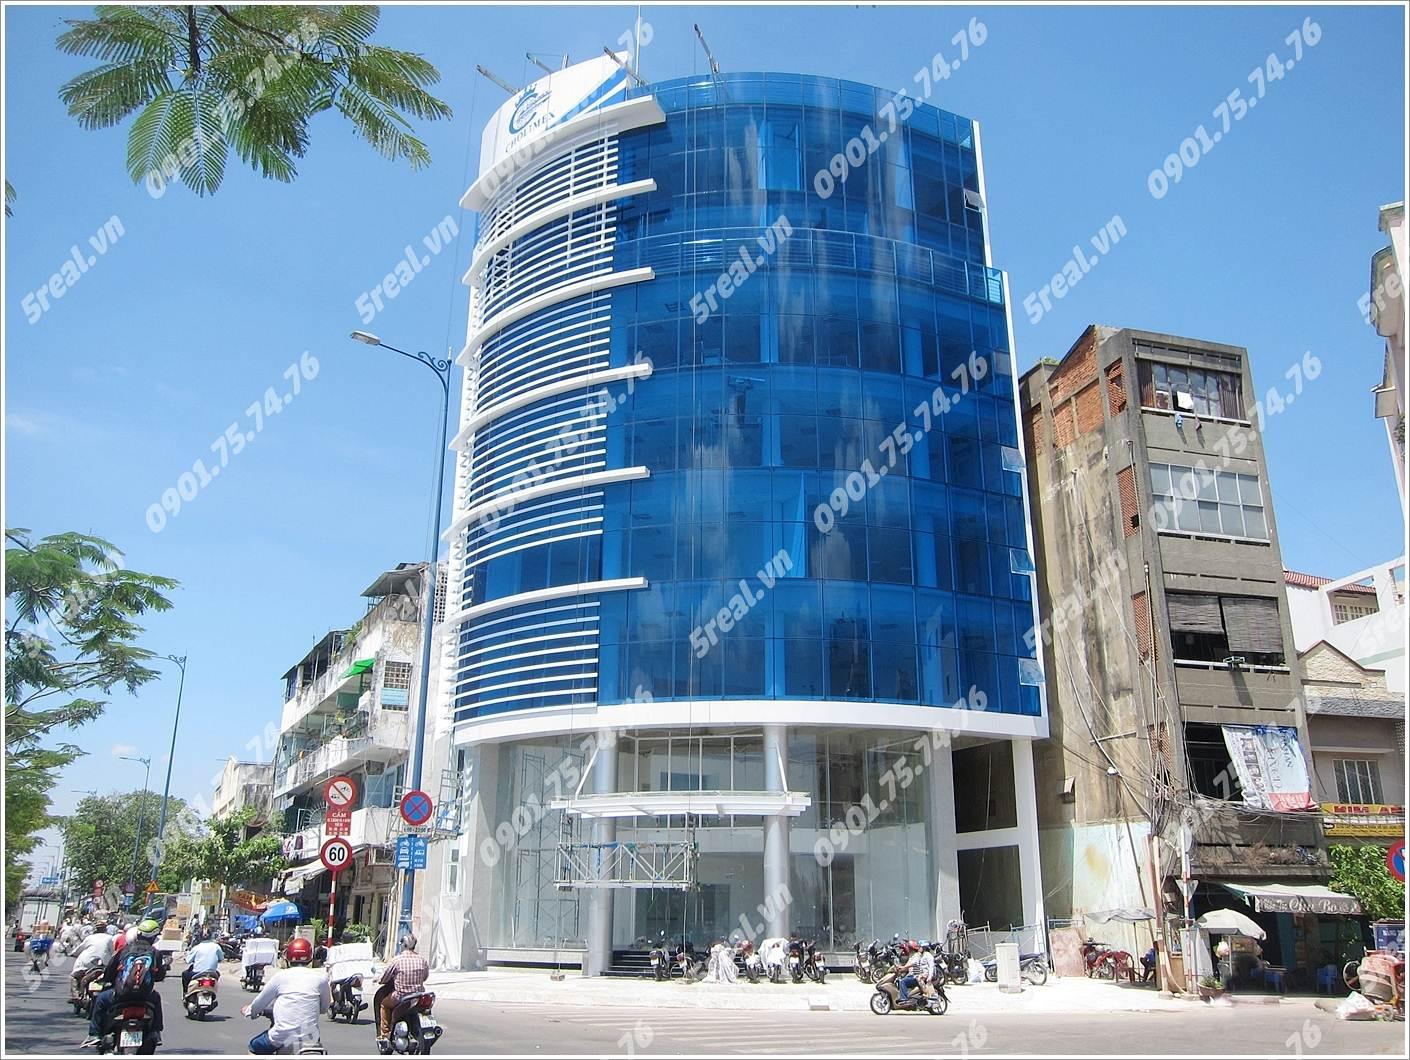 cholimex-building-vo-van-kiet-van-phong-cho-thue-quan-5-5real.vn-01